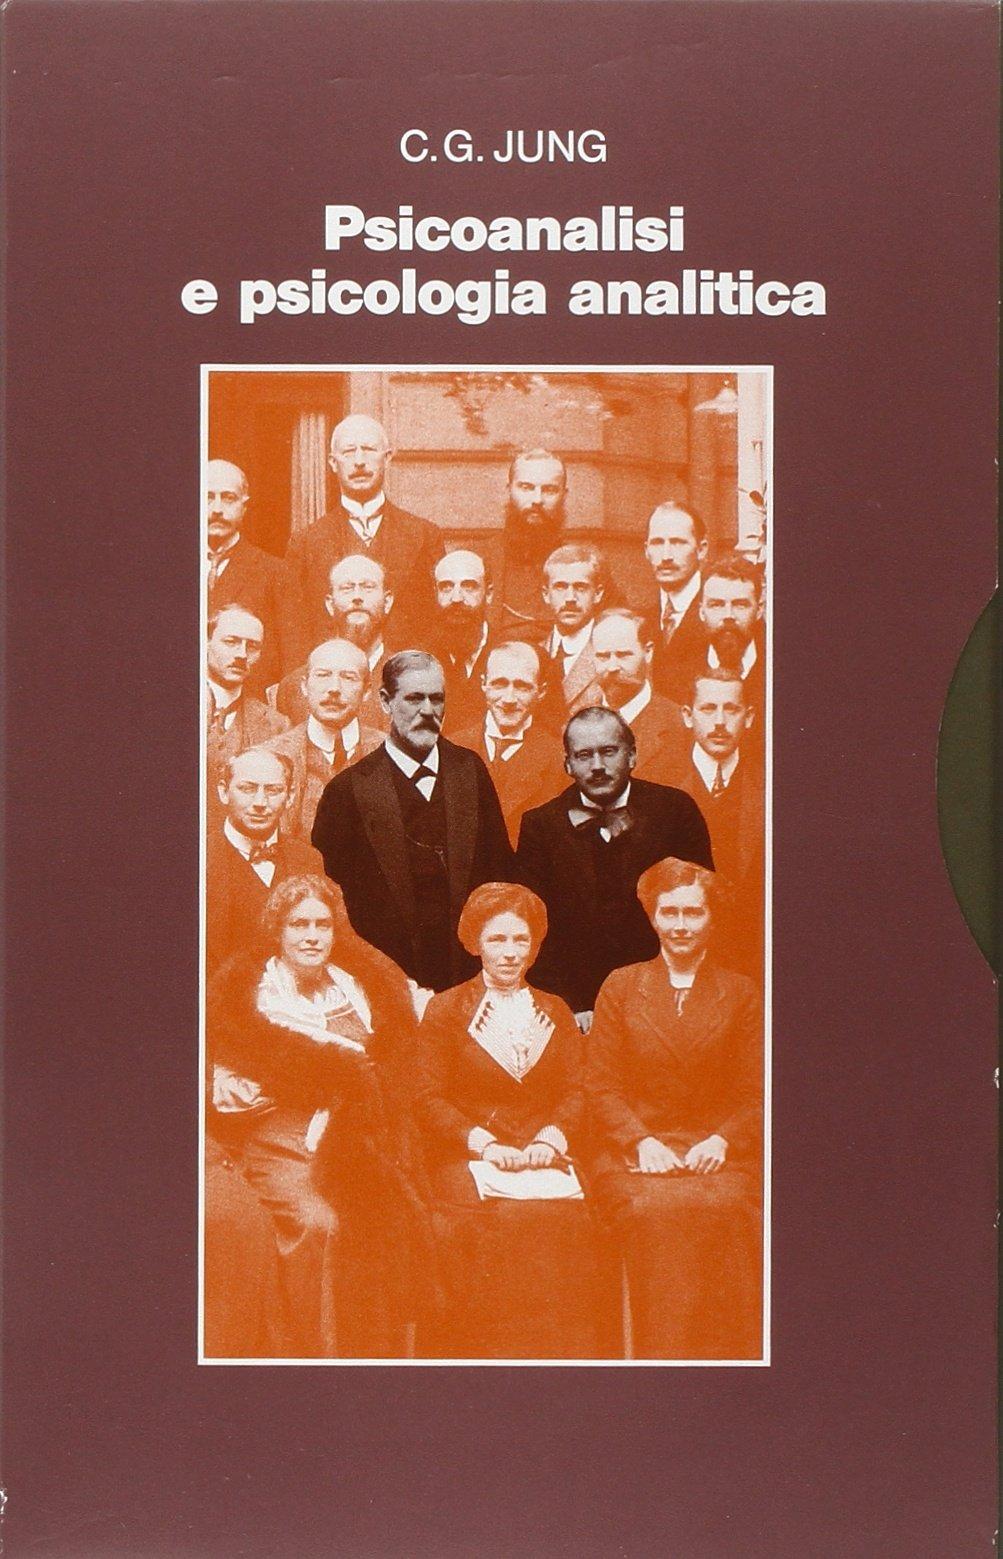 Opere vol. 15 - Psicoanalisi e psicologia analitica ebook